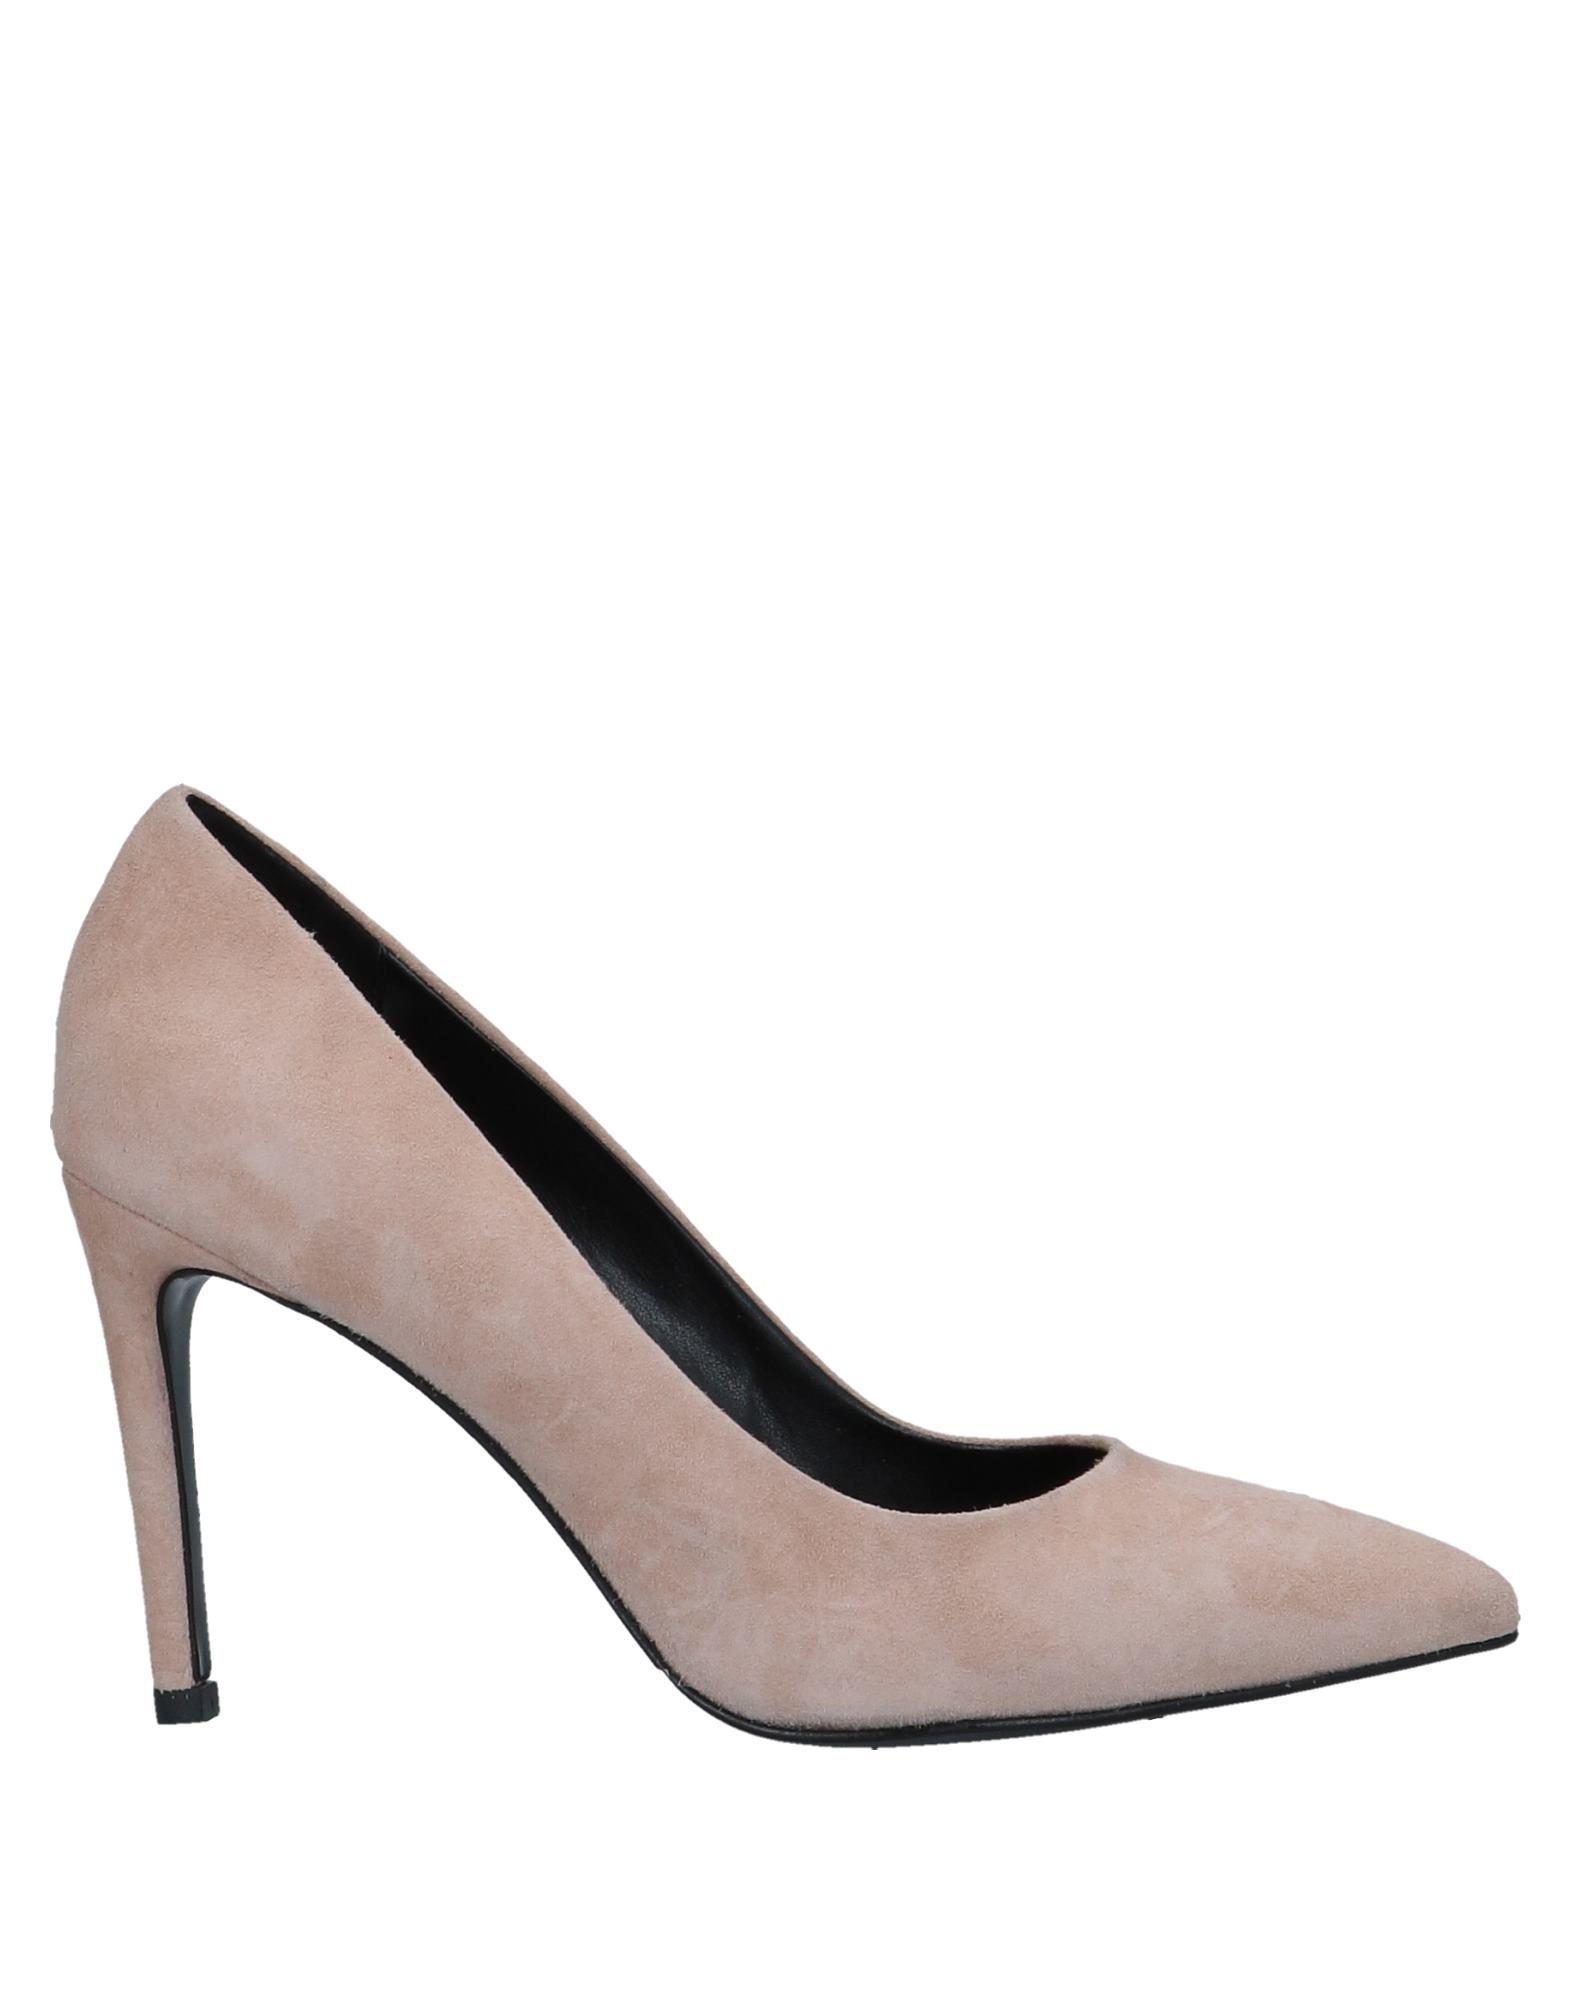 Gianni Marra Pumps Damen  11543323LGGut aussehende strapazierfähige Schuhe